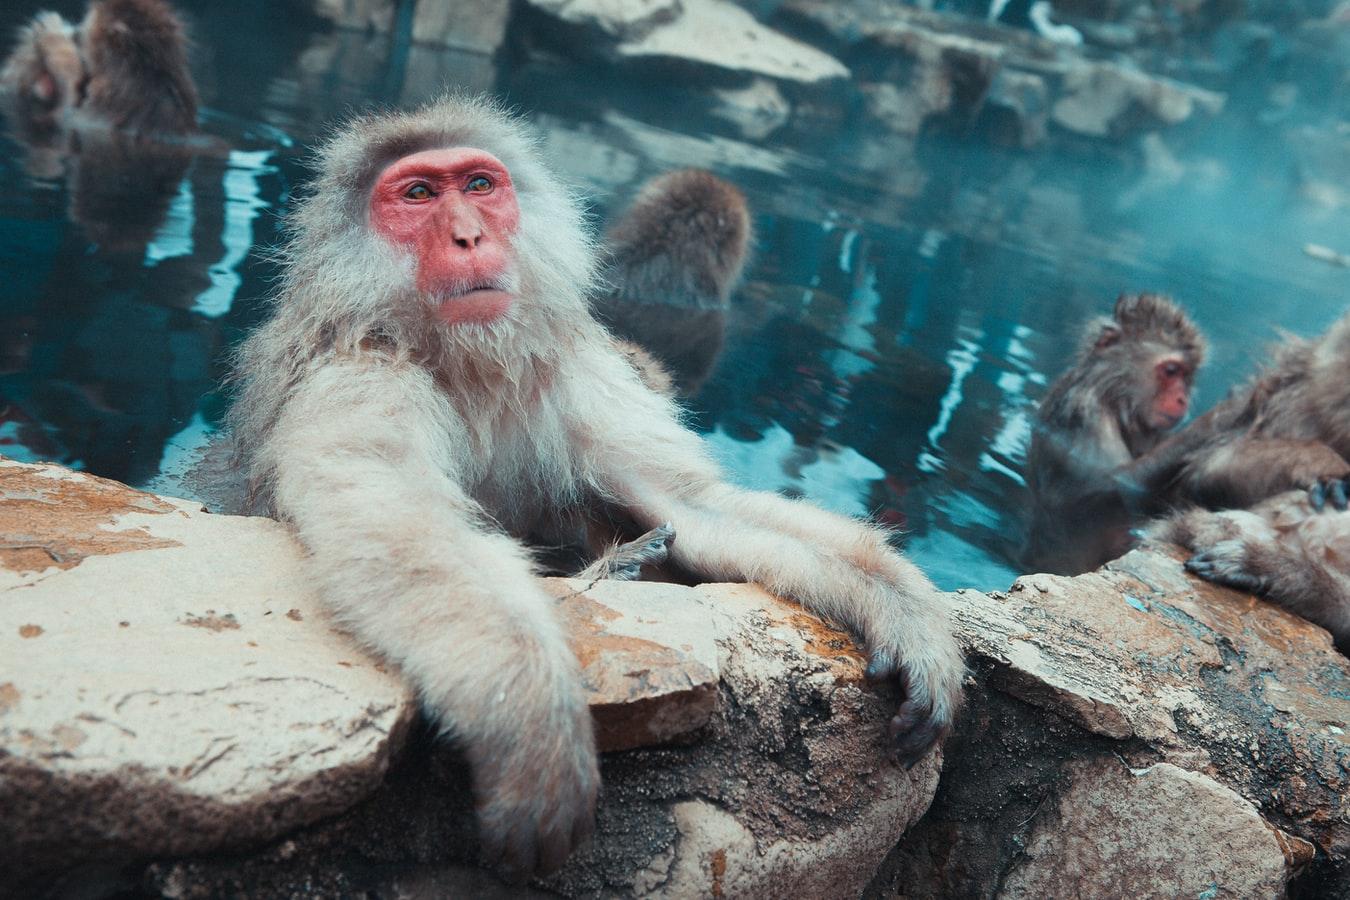 sauna-monkey-image